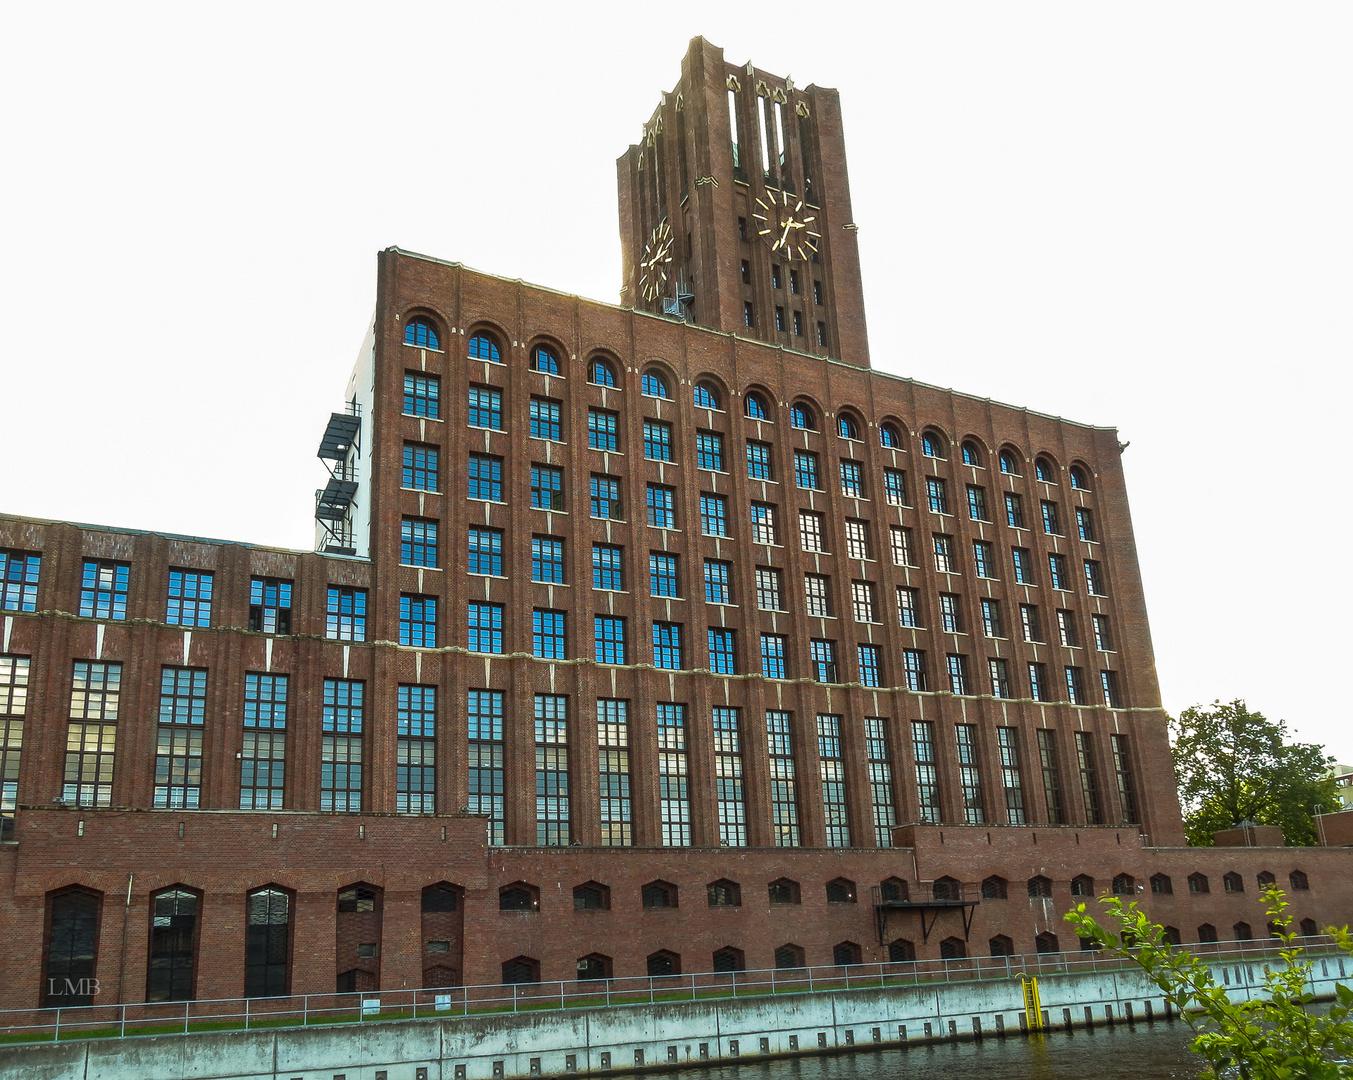 Stahlbetonskelettbau Foto & Bild | architektur, deutschland, europe ...